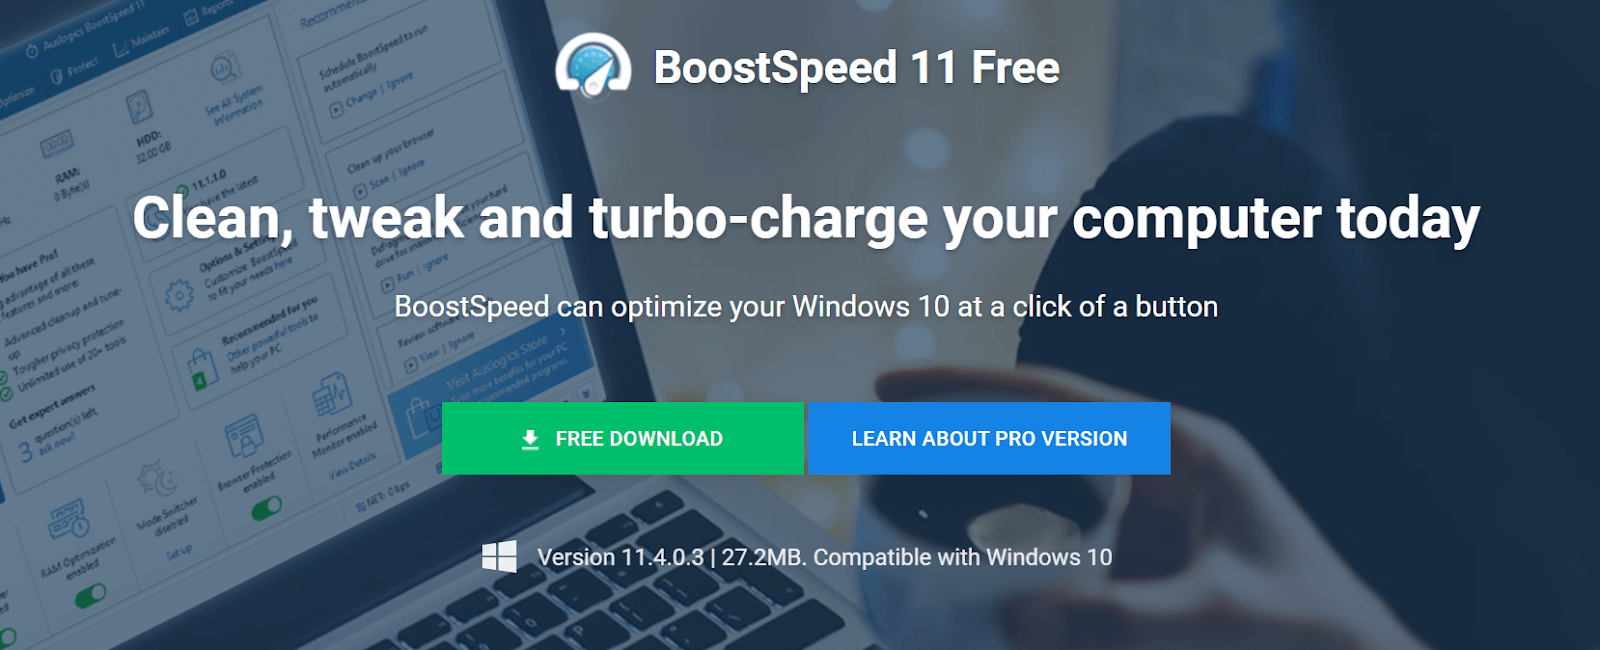 Auslogics BoostSpeed Software For Windows